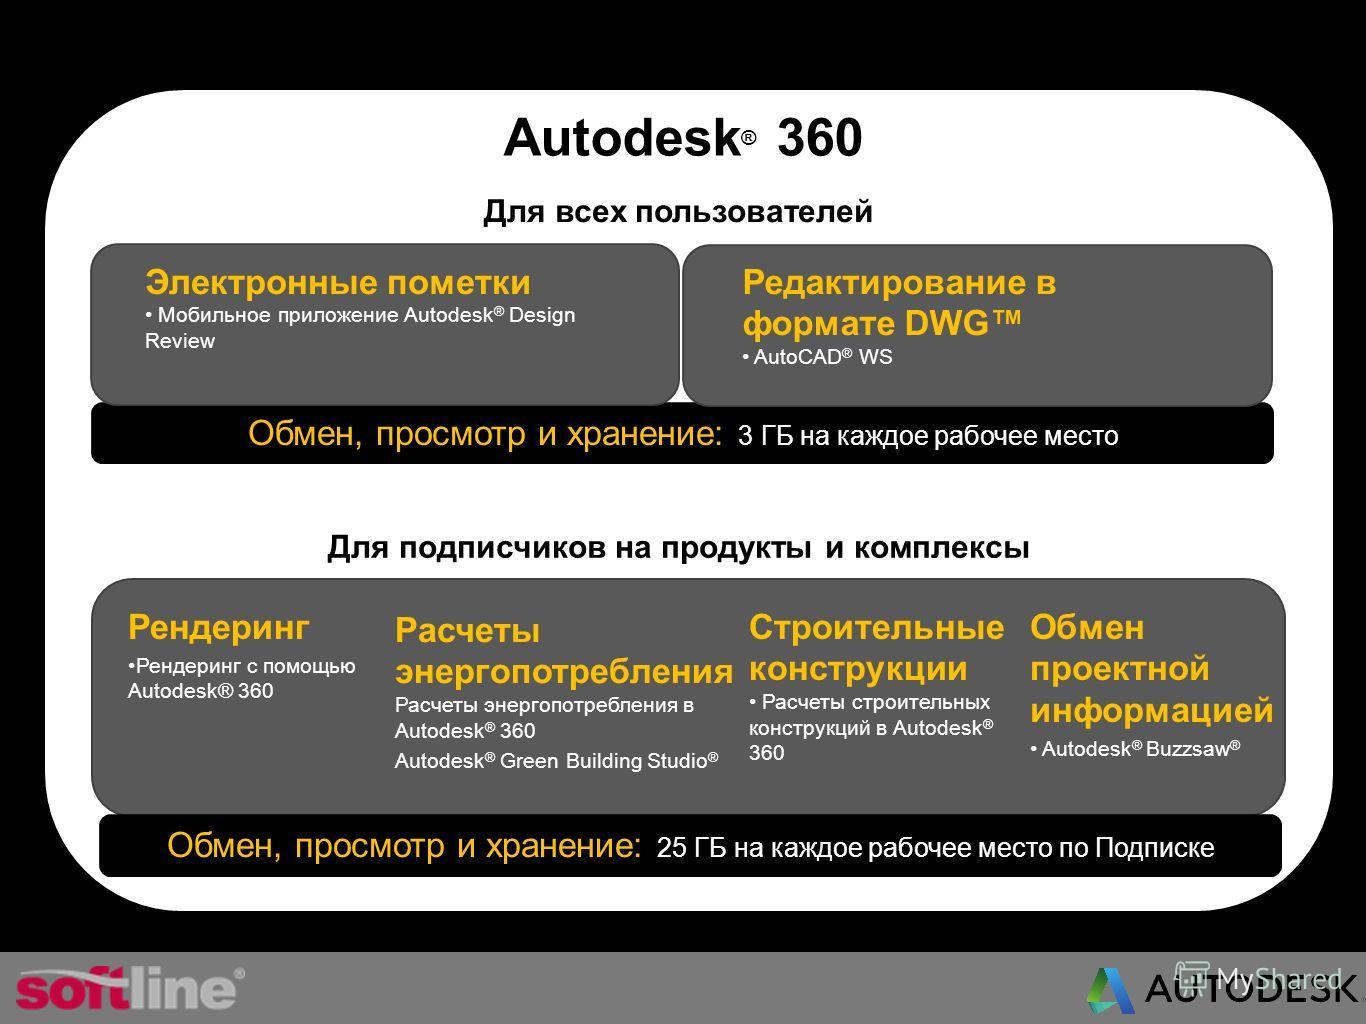 Расчеты энергопотребления Расчеты энергопотребления в Autodesk ® 360 Autodesk ® Green Building Studio ® Строительные конструкции Расчеты строительных конструкций в Autodesk ® 360 Обмен проектной информацией Autodesk ® Buzzsaw ® Обмен, просмотр и хран